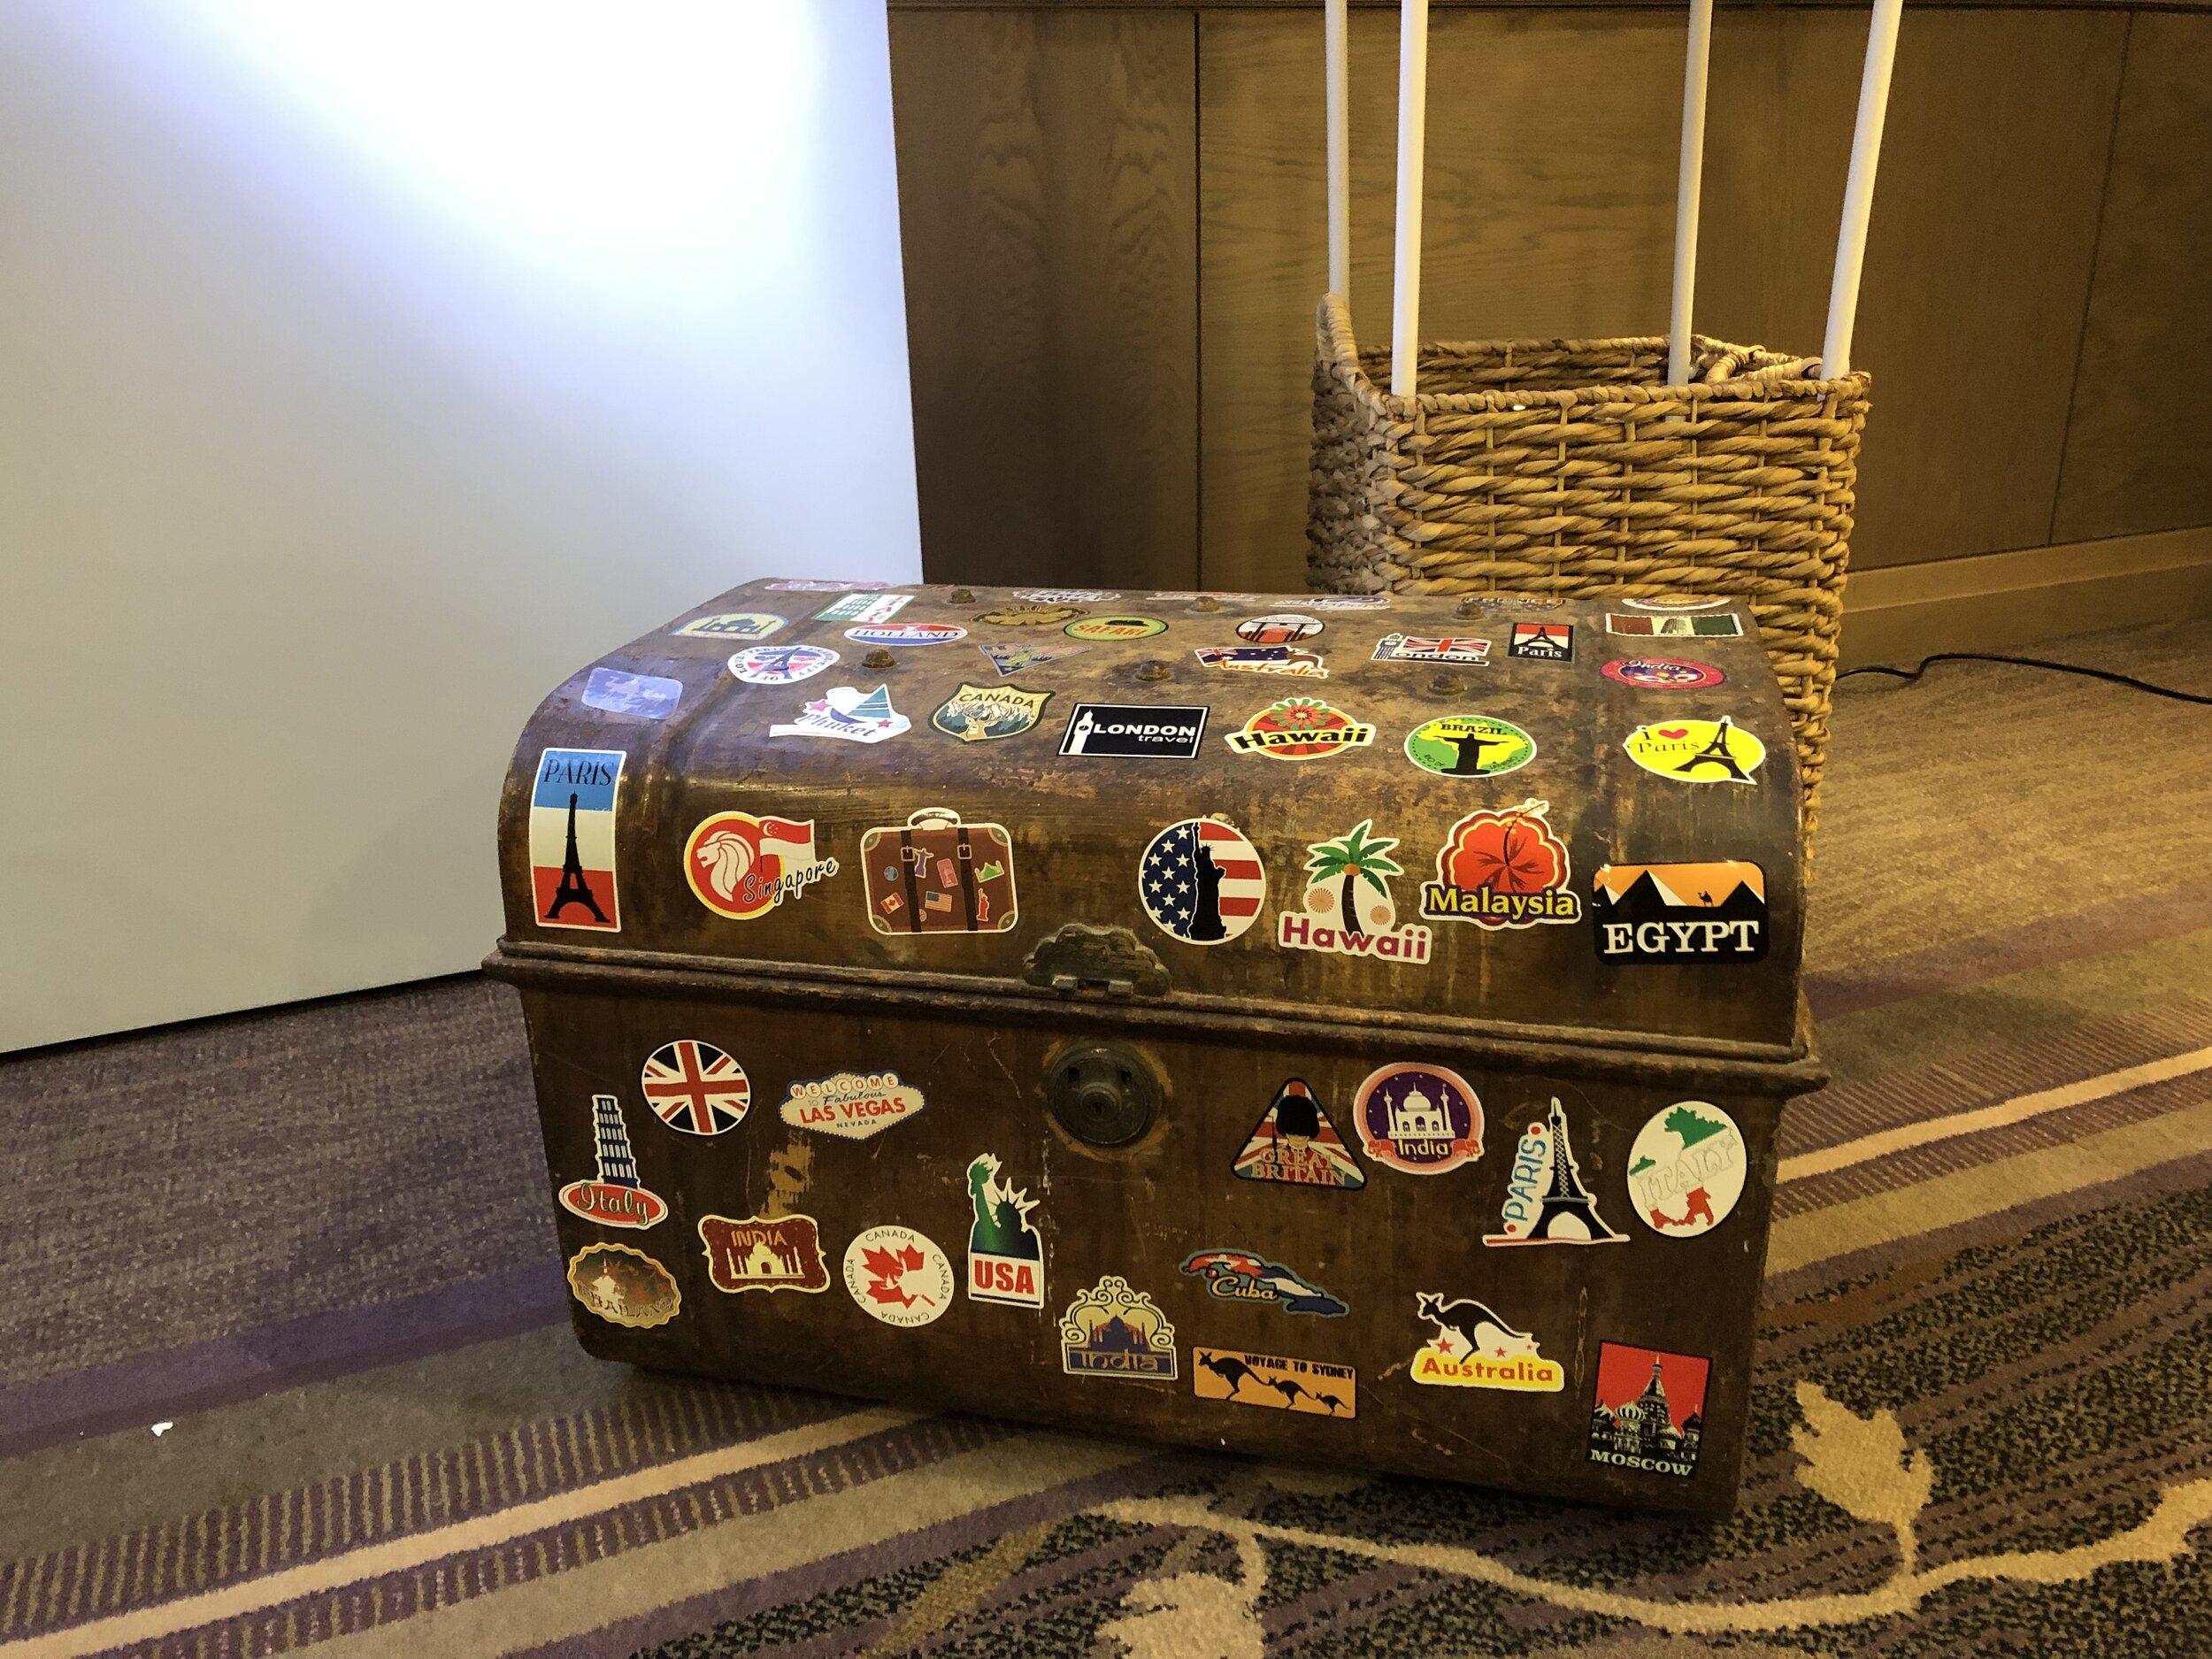 Vintage Metal Travel Trunk - £40.00